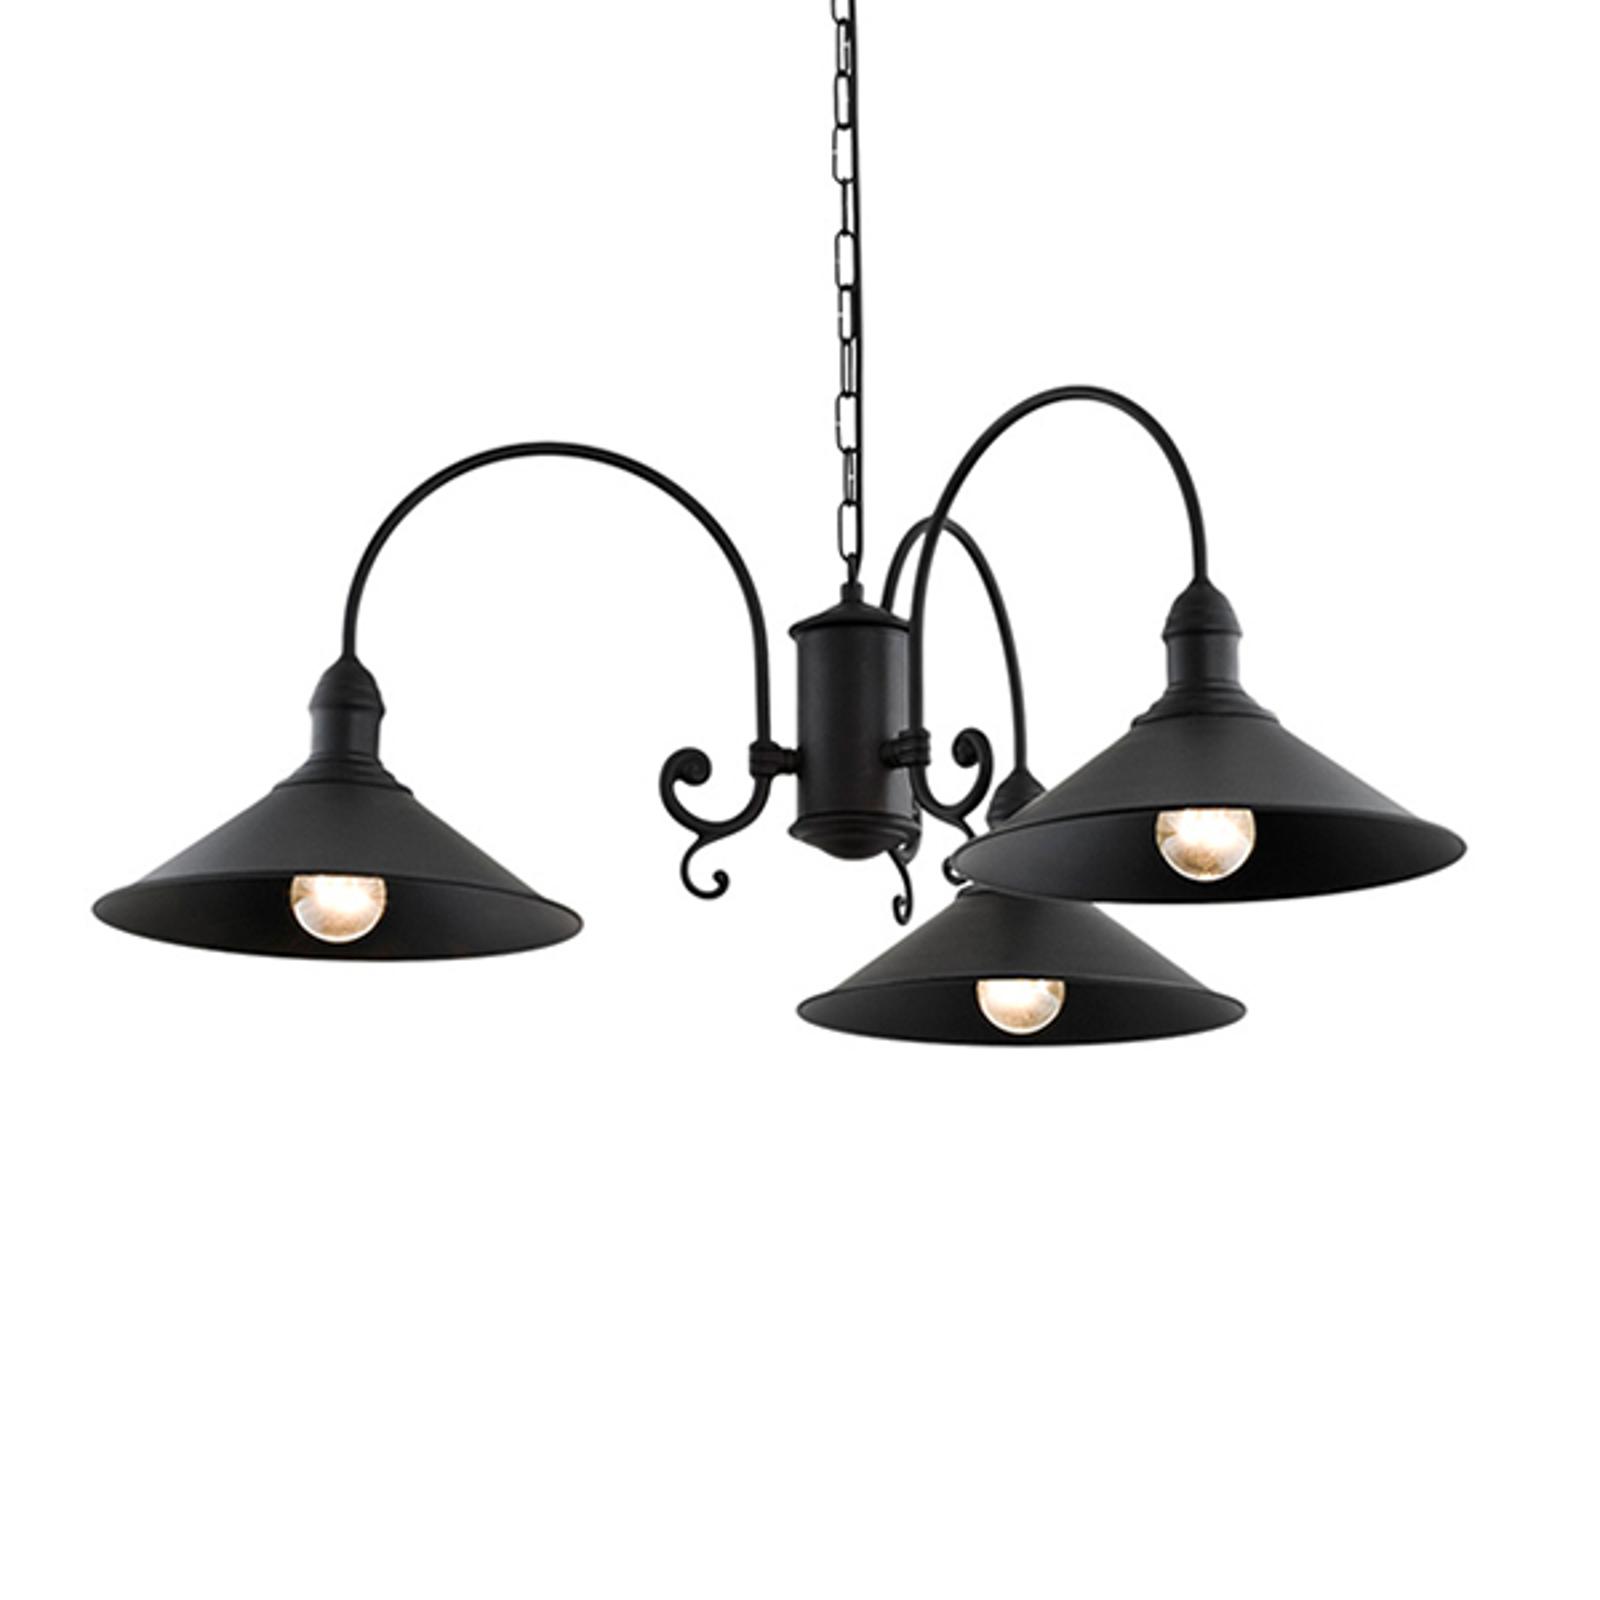 Elmo hængelampe, 3 lyskilder, sort